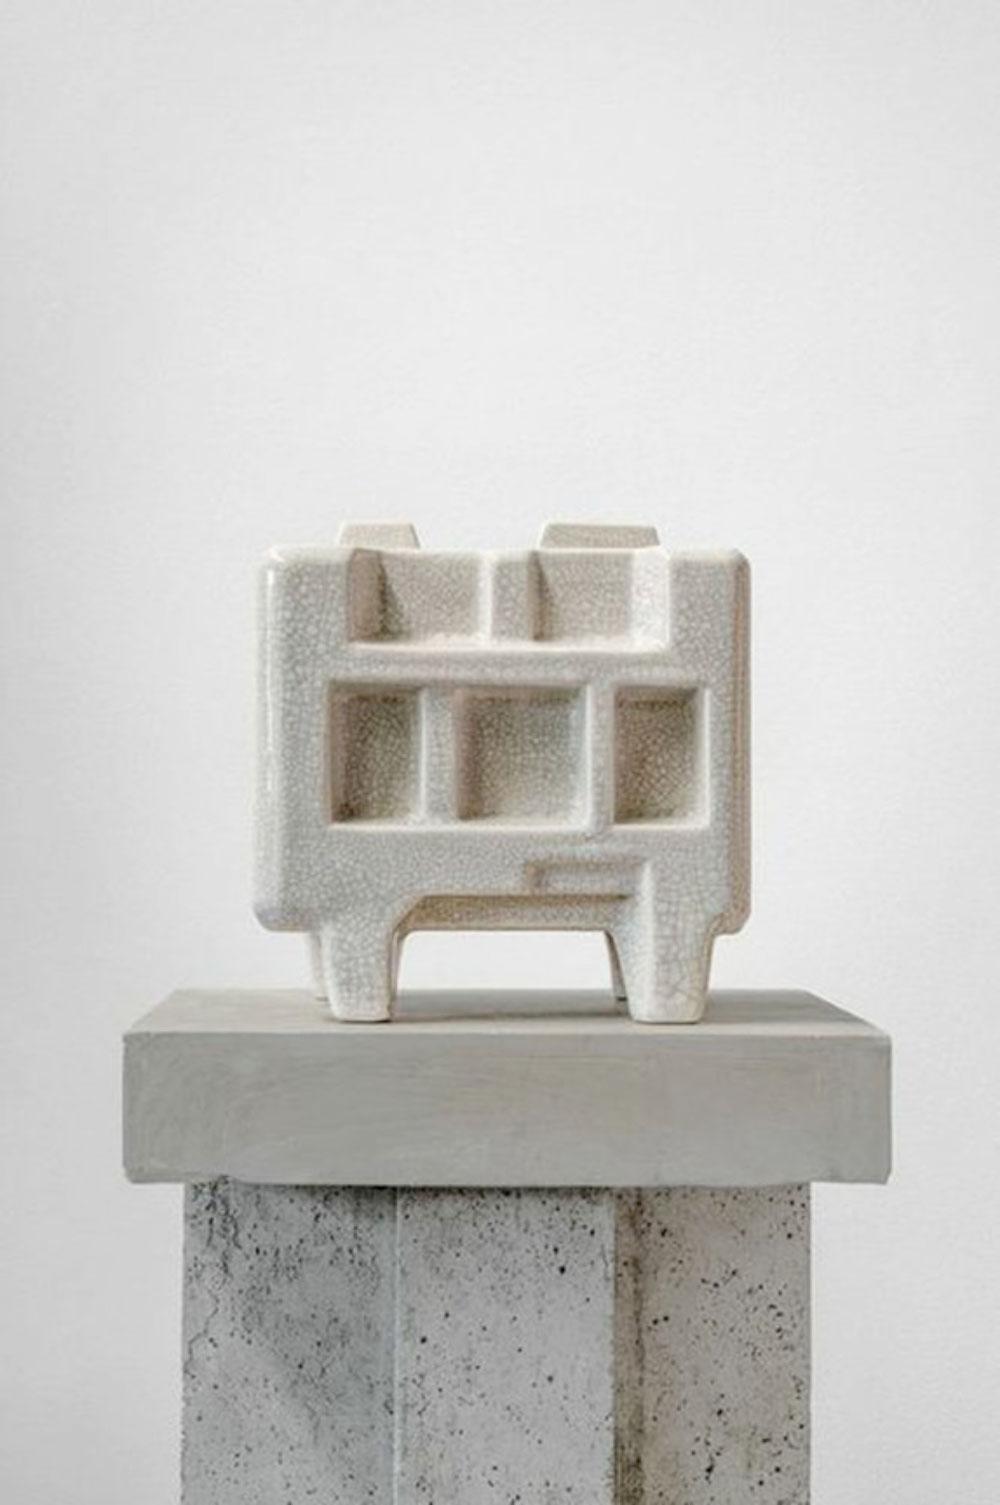 """Brutalist Rice Cooker , 2013 Ed. 1/1 AP  Poterie de grès issue de moules de coulage avec pigmentation sur glaçure  8 1/8 x 7 1/2 x 8 1/8""""."""